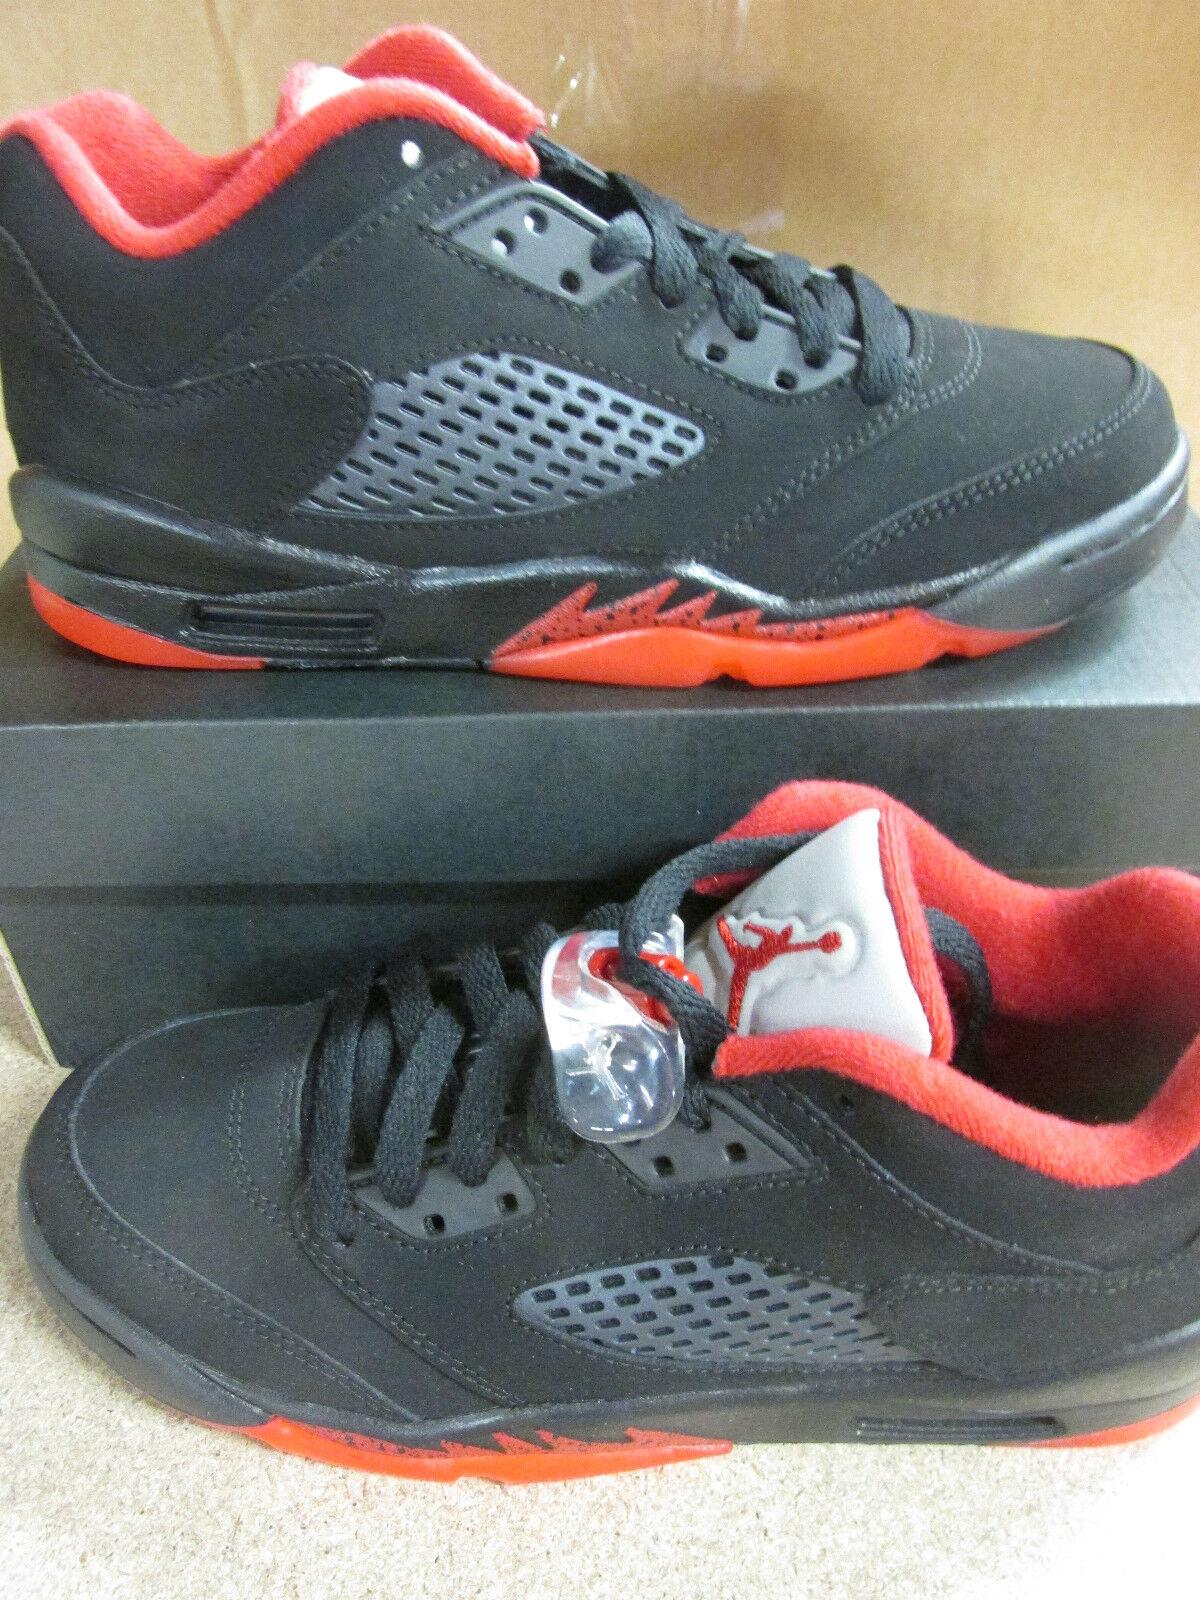 Nike Air Jordan 5 Retro Low (GS) Trainers 314338 001 Sneakers Shoes